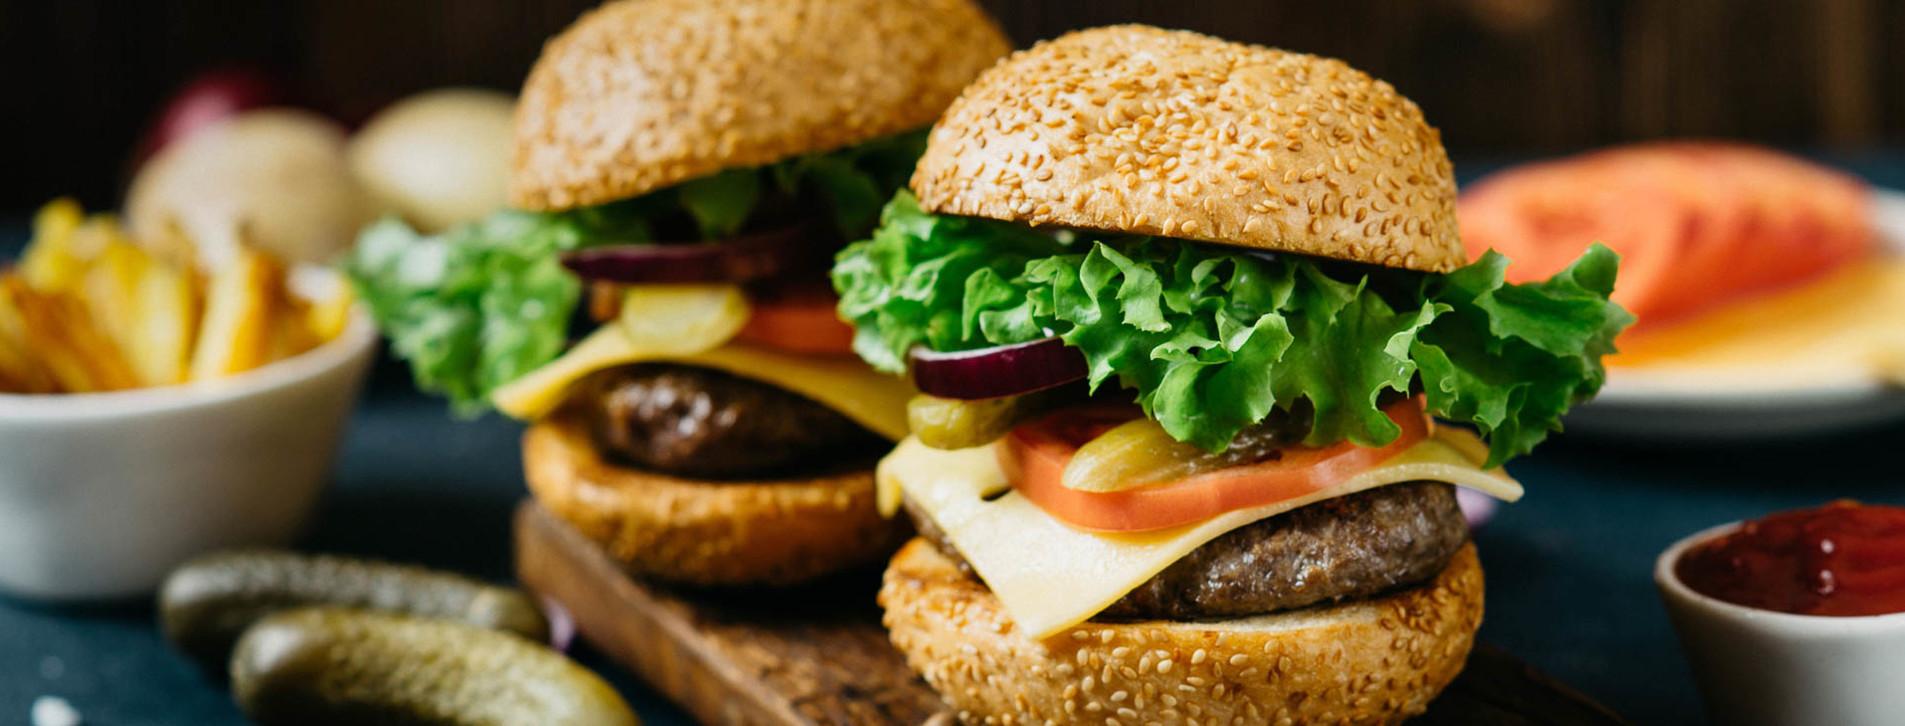 Фото 1 - Урок приготовления бургеров